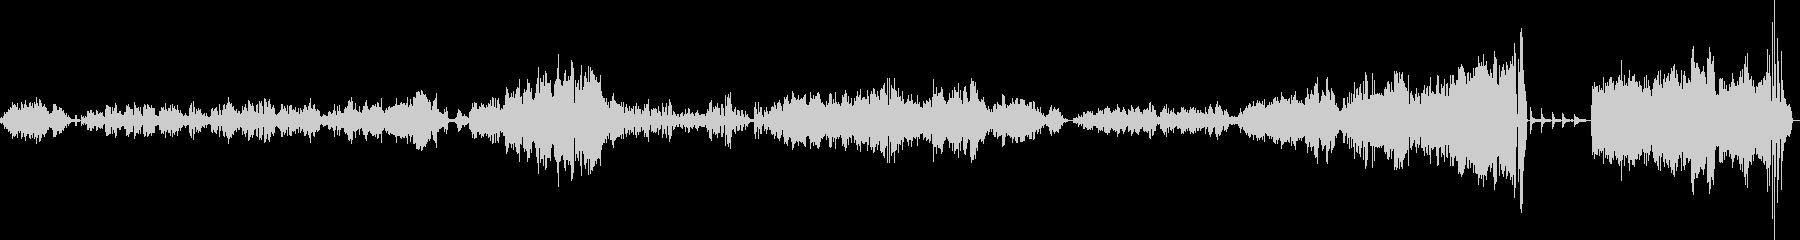 ショパン バラード Op52の未再生の波形